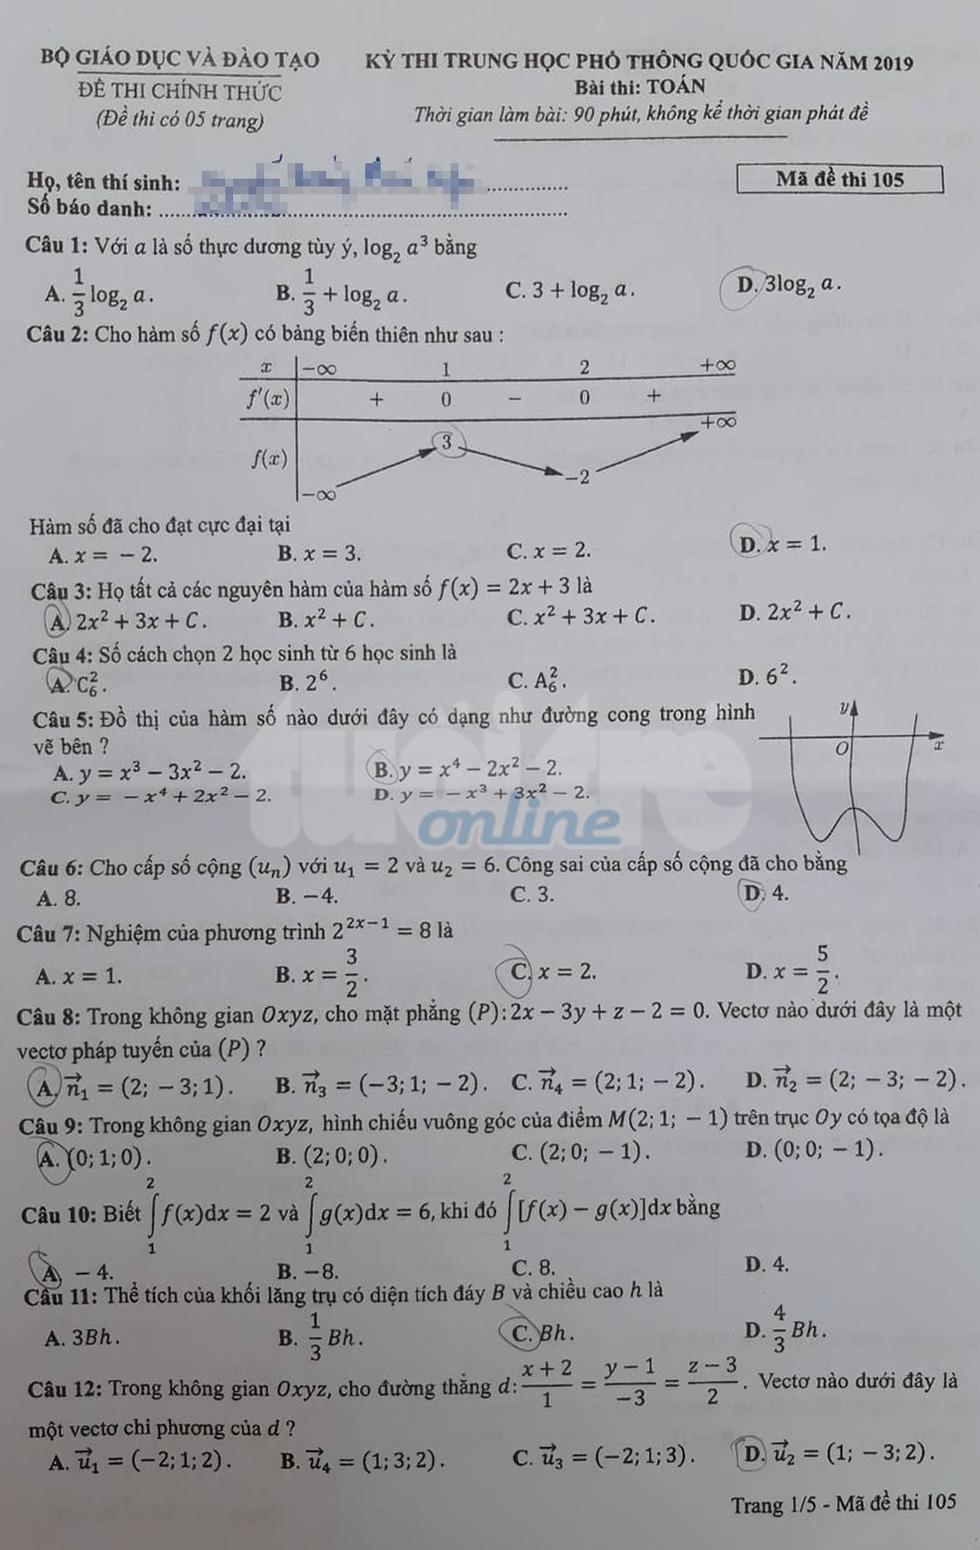 Đáp án môn toán thi THPT quốc gia 2019 - Ảnh 25.